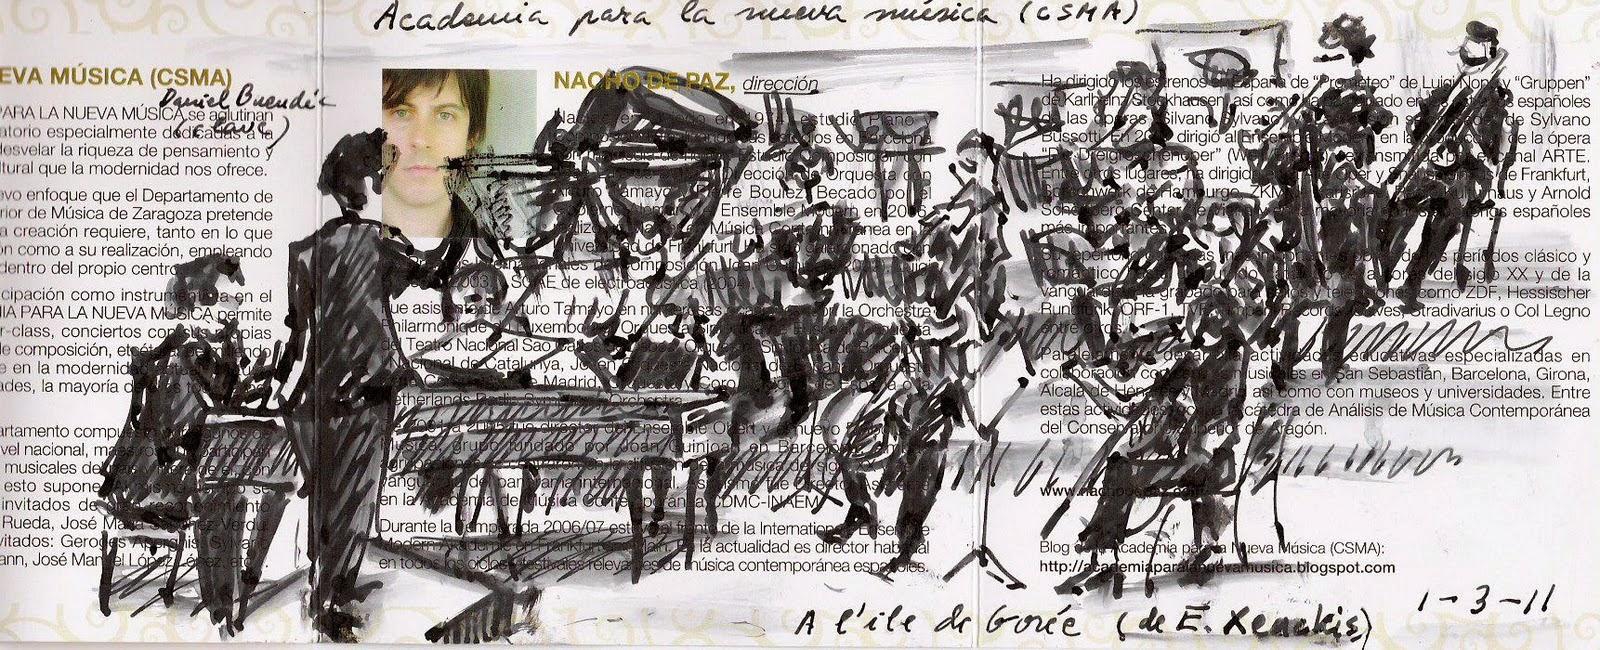 Santiago Ríos. Dibujo sobre programa